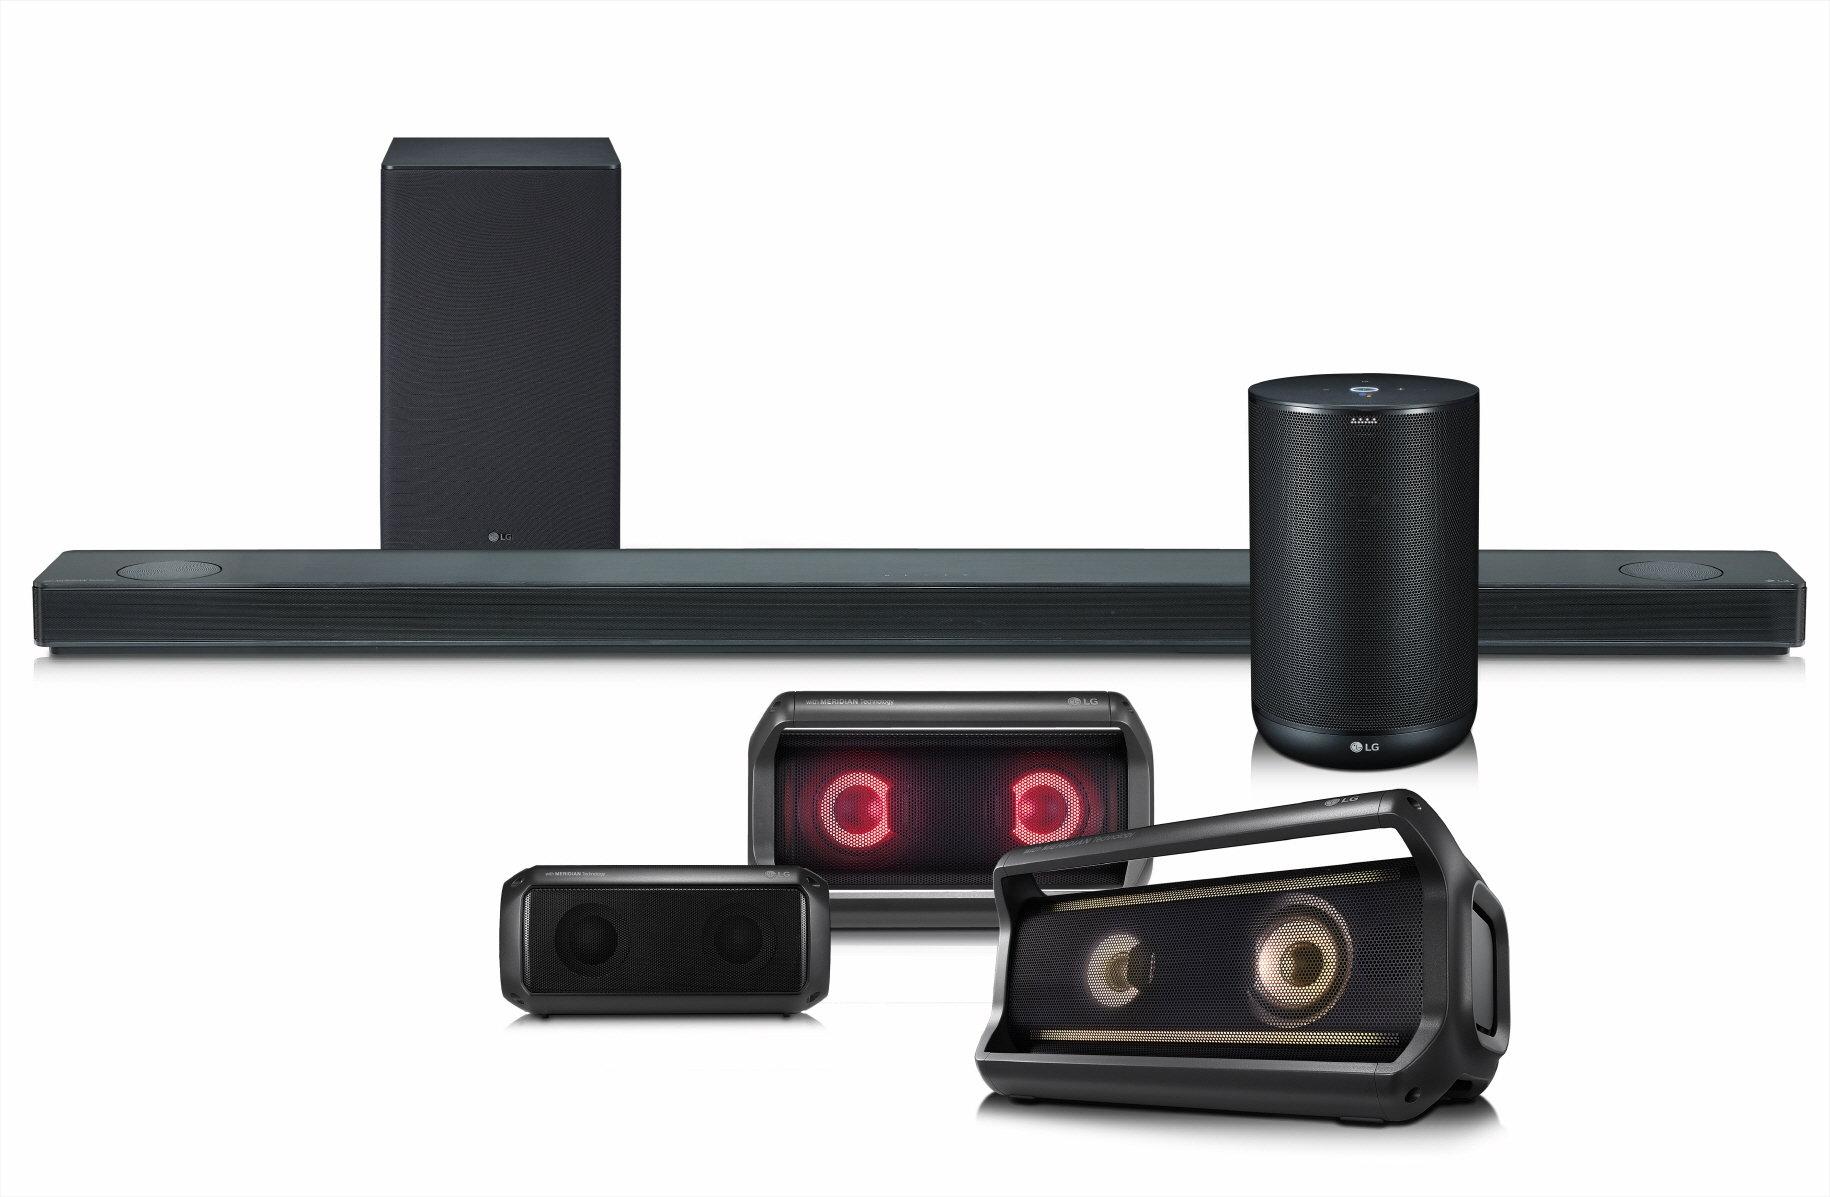 Znakomity dźwięk, intuicyjność oraz inteligentne rozwiązania – nowa linia głośników LG na rok 2018